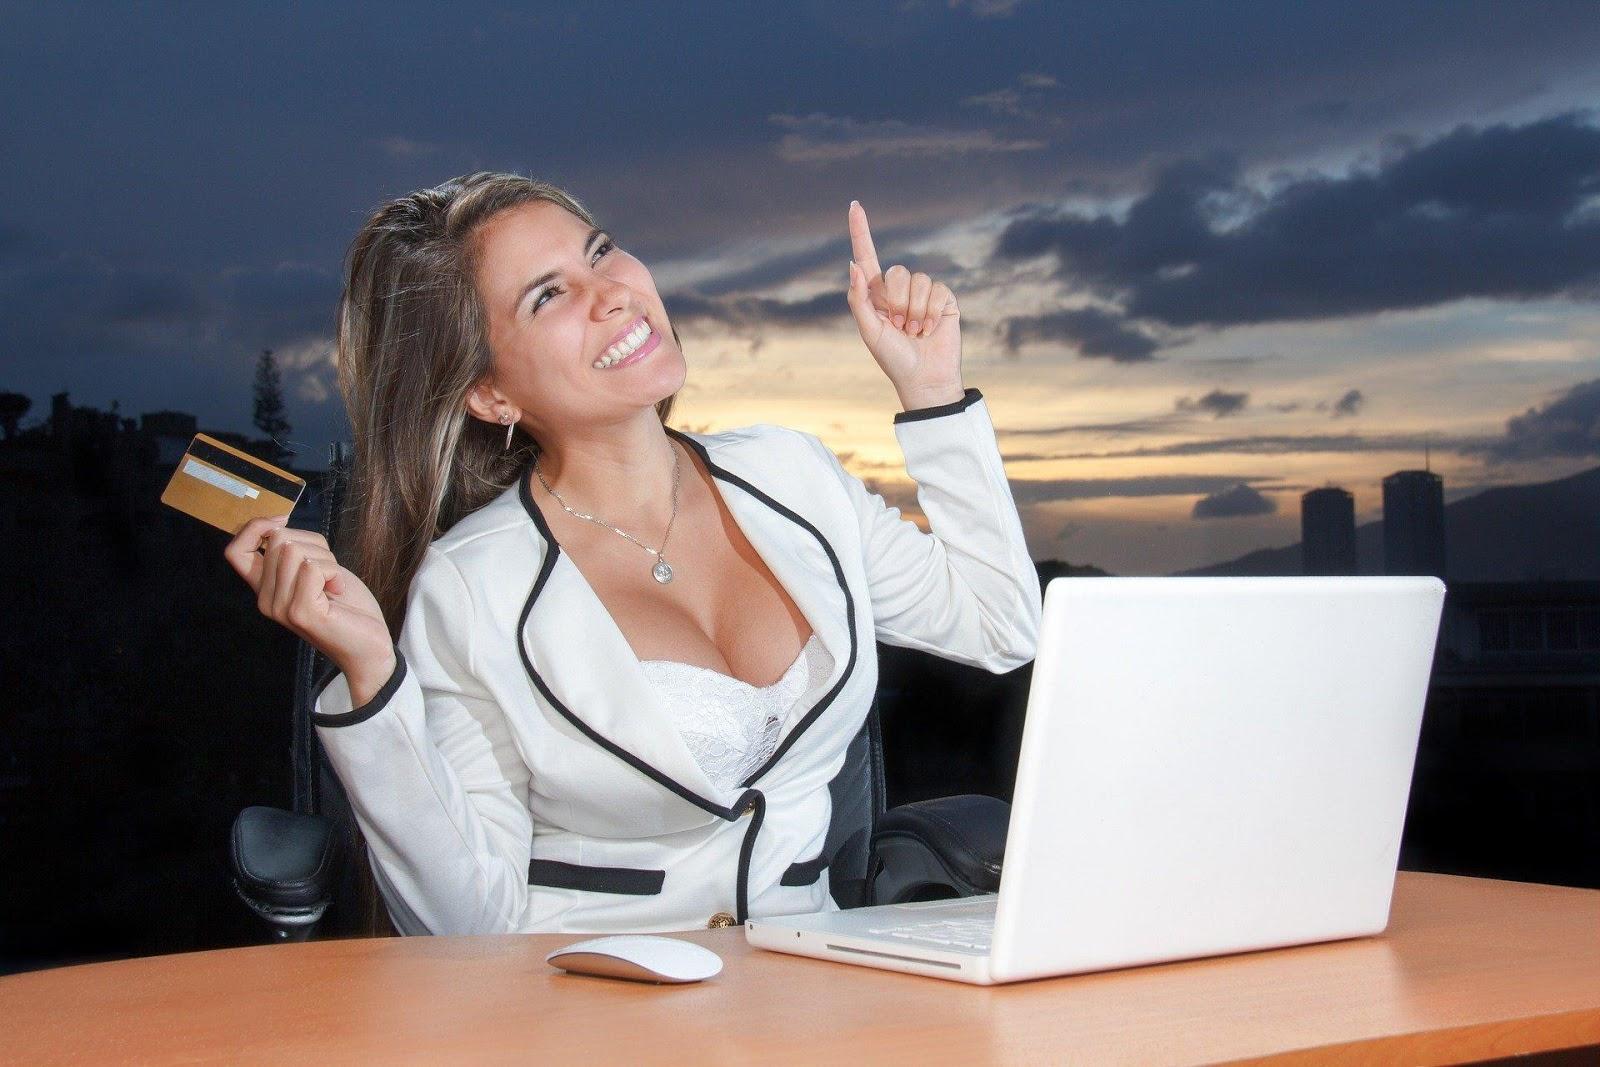 Sådan tjener du penge online